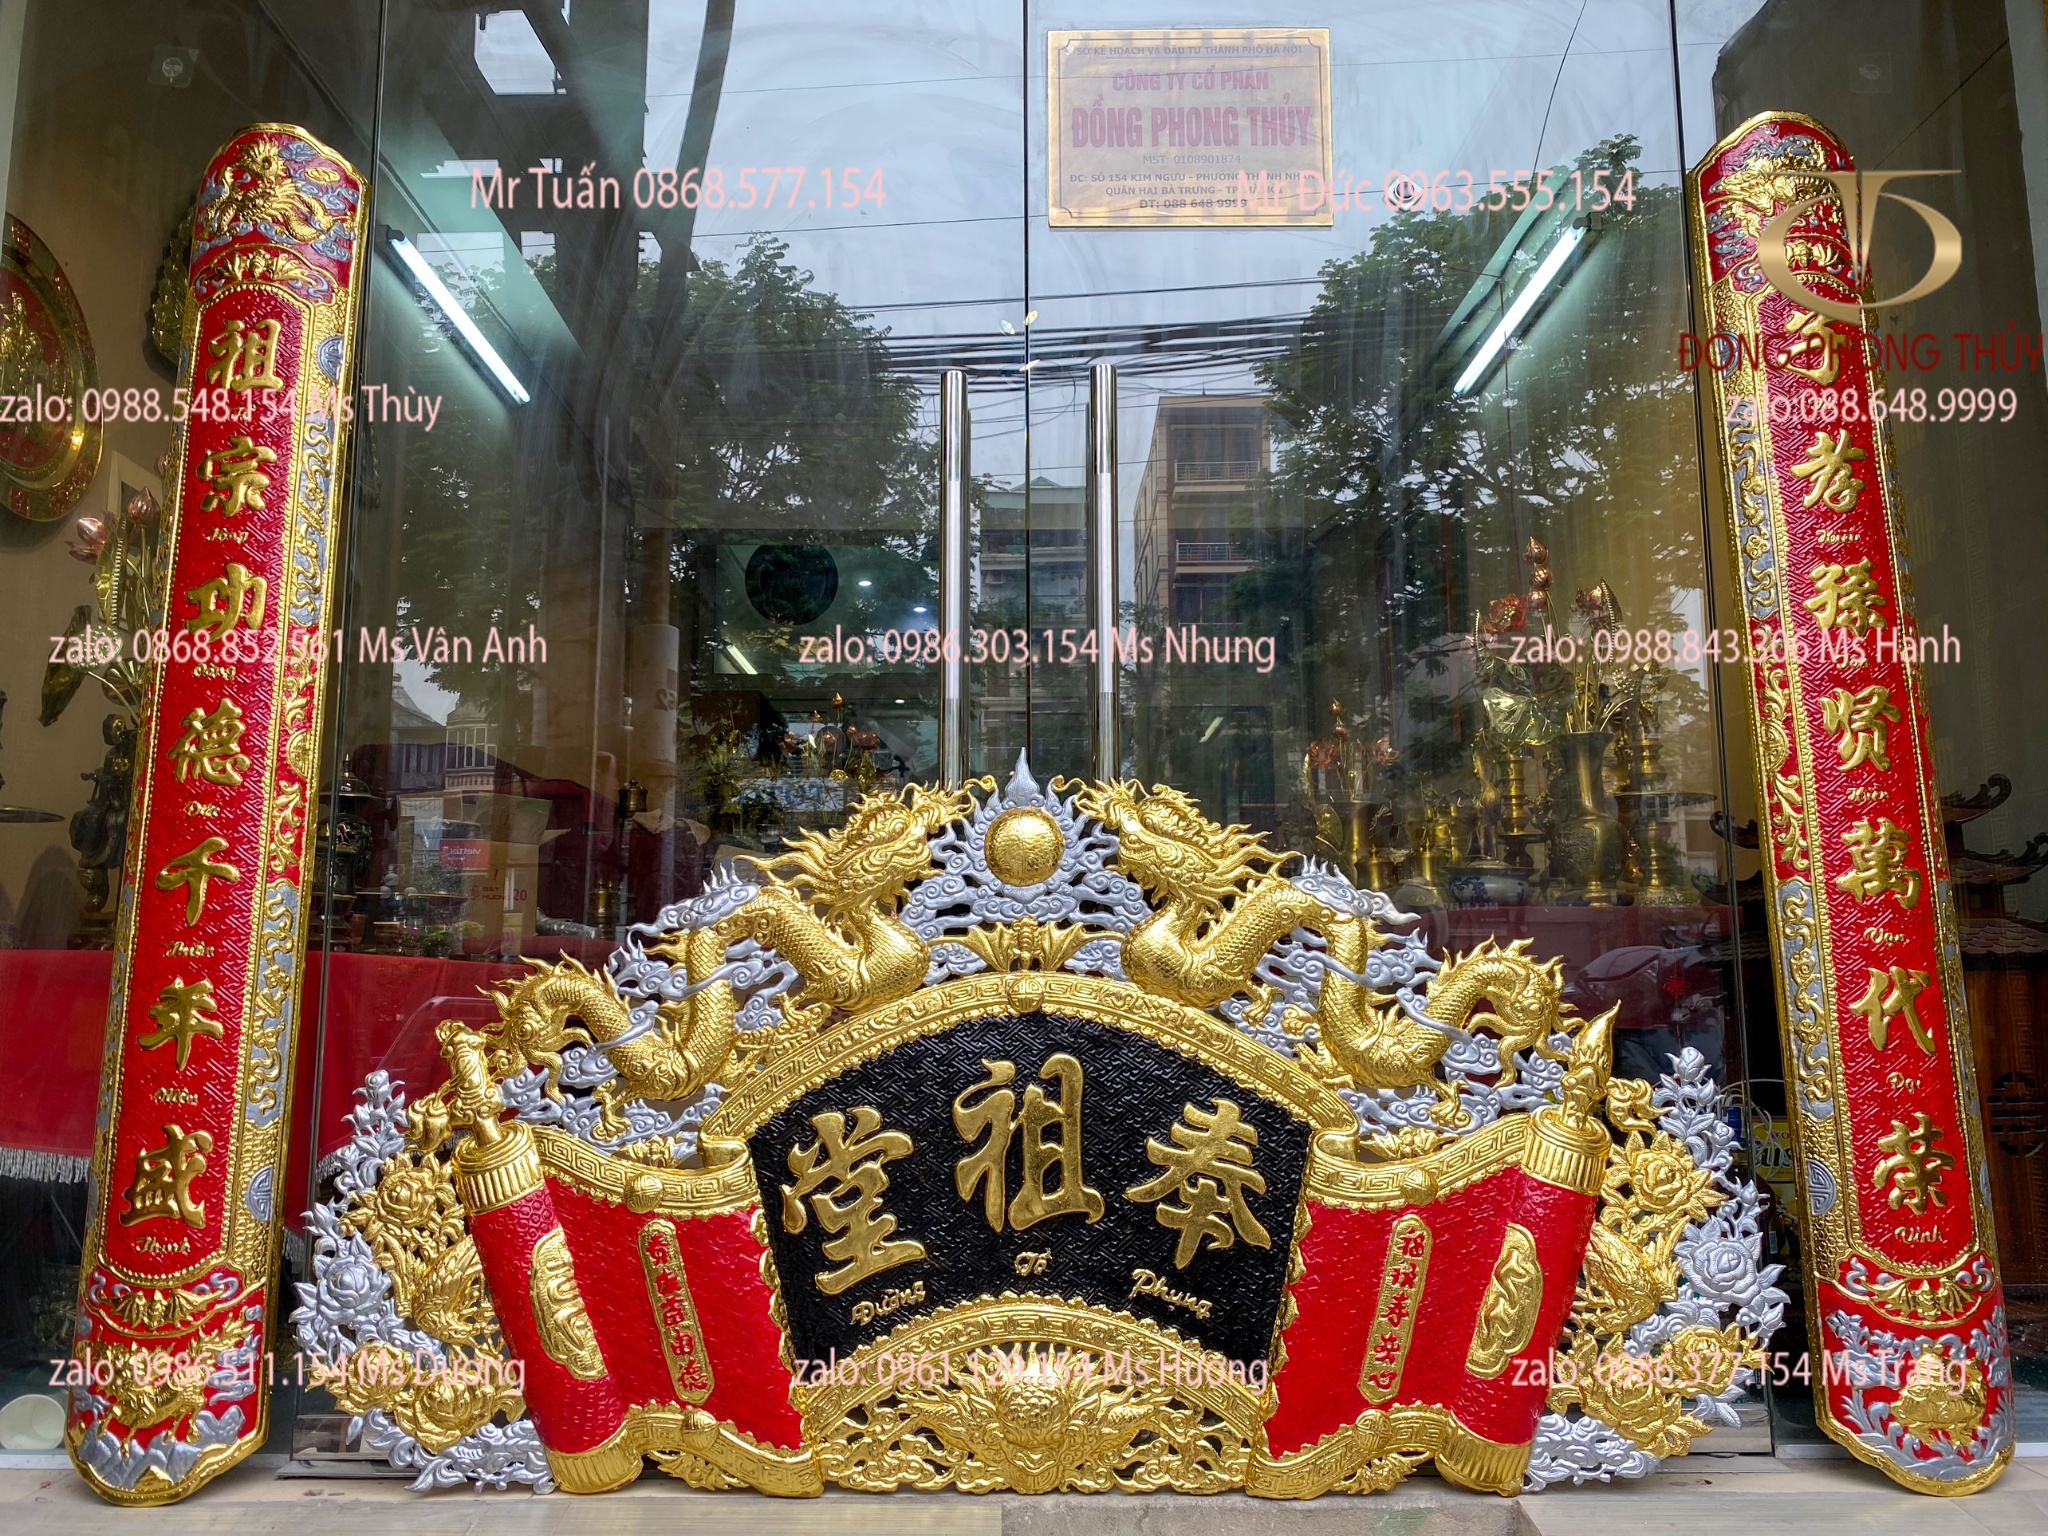 Phụng Tổ Đường: cuốn thư câu đối 1m76 dát vàng bạc nặng 17kg đẹp